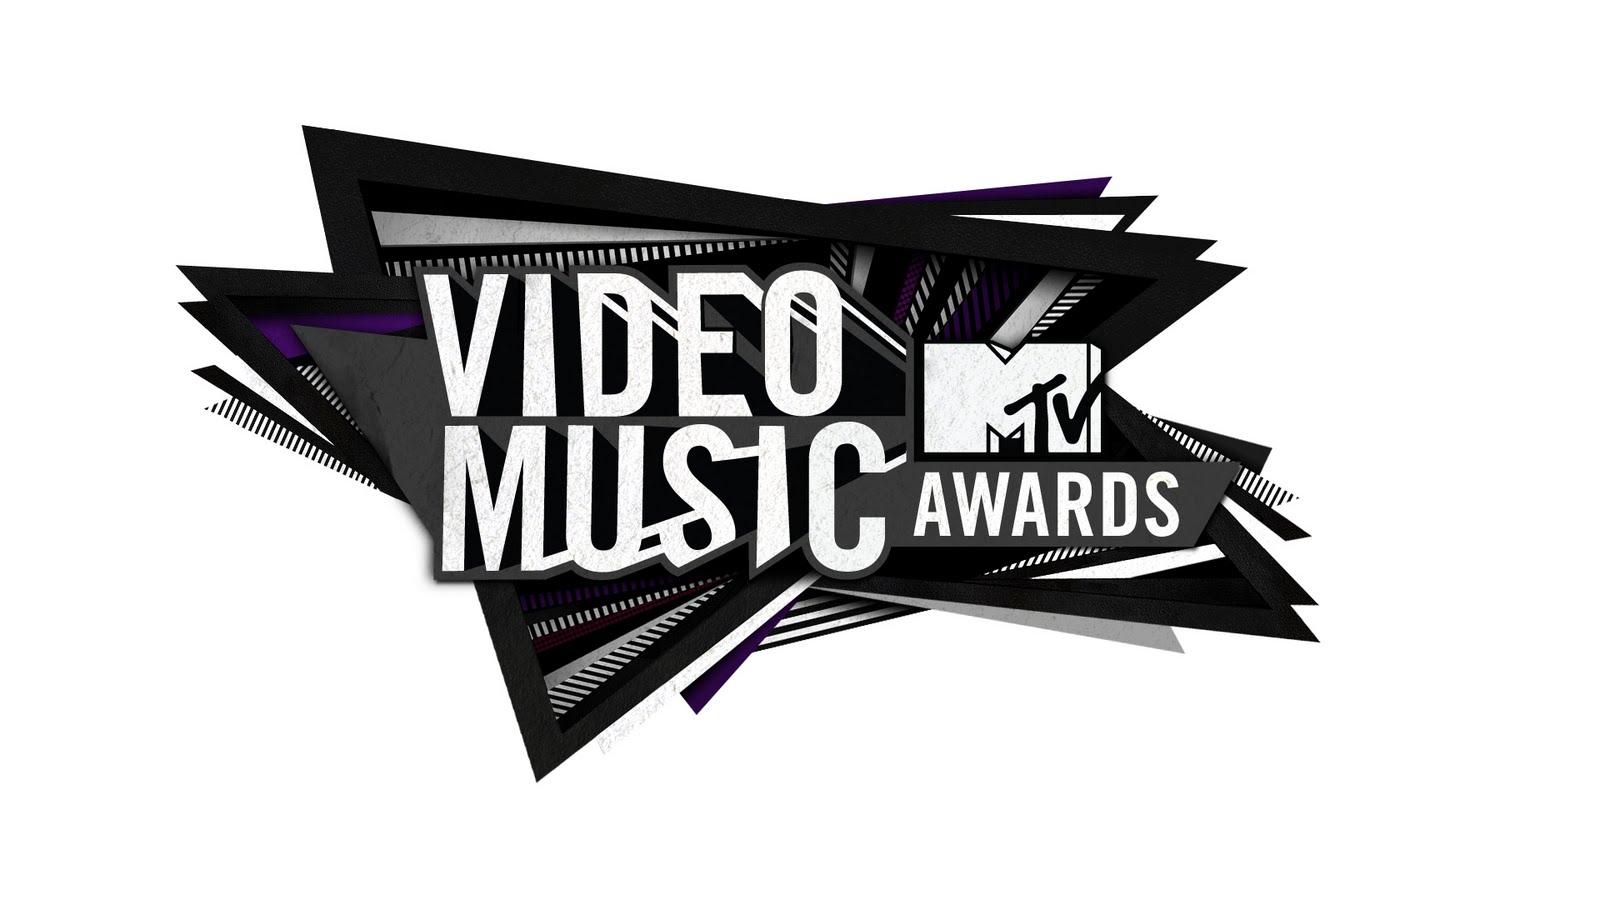 http://1.bp.blogspot.com/-GXYRkBhsebg/Tlu6K0Xb2jI/AAAAAAAAAYc/Xpk9xkhjOoA/s1600/MTV-VMA-2011_Logo.jpg